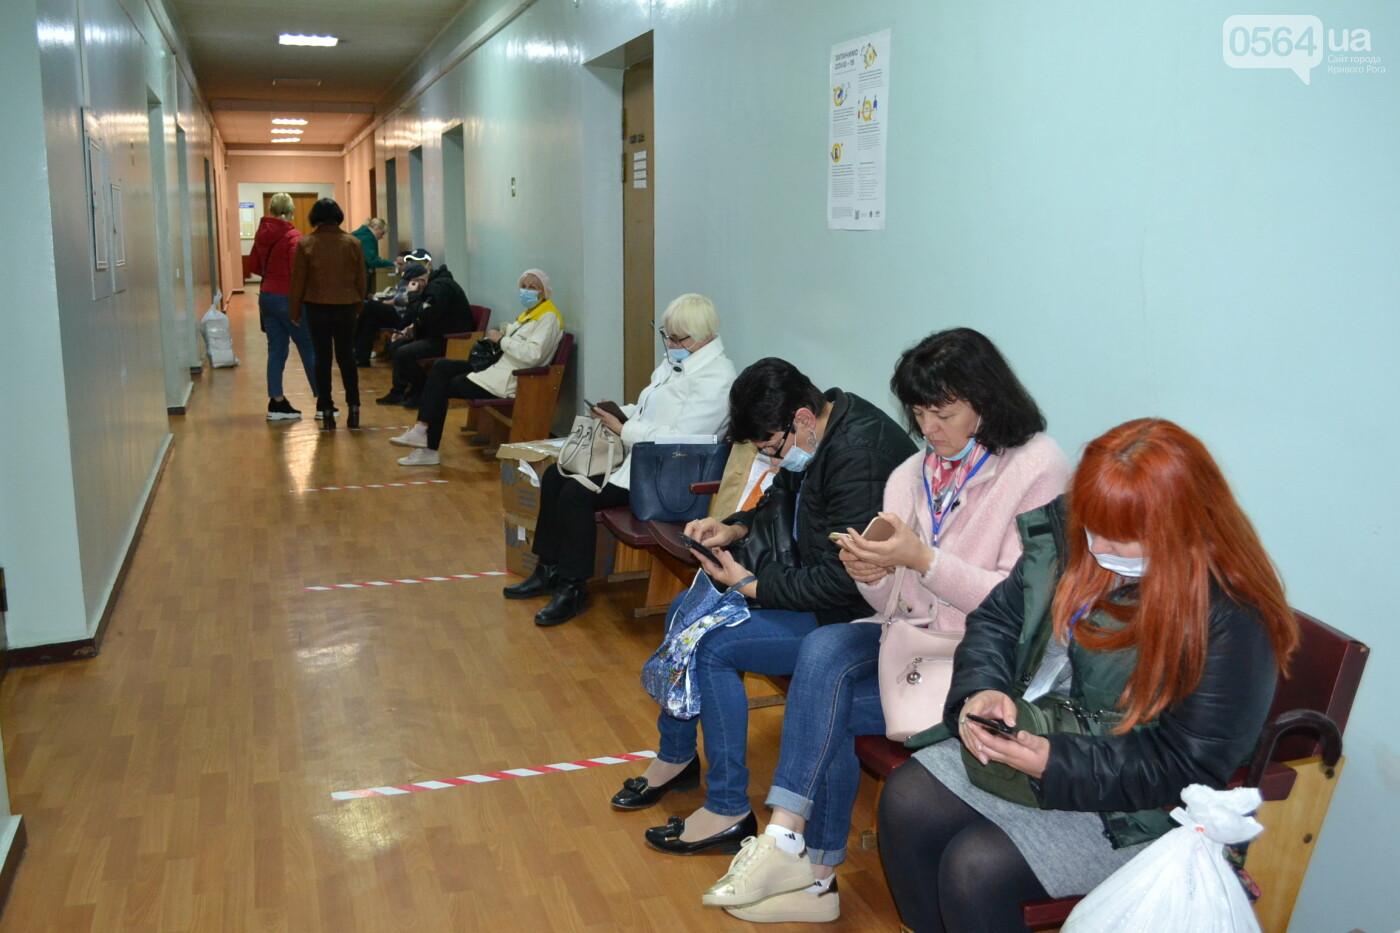 Криворожская ГИК приняла более 72% протоколов по выборам депутатов облсовета, - ФОТО, фото-4